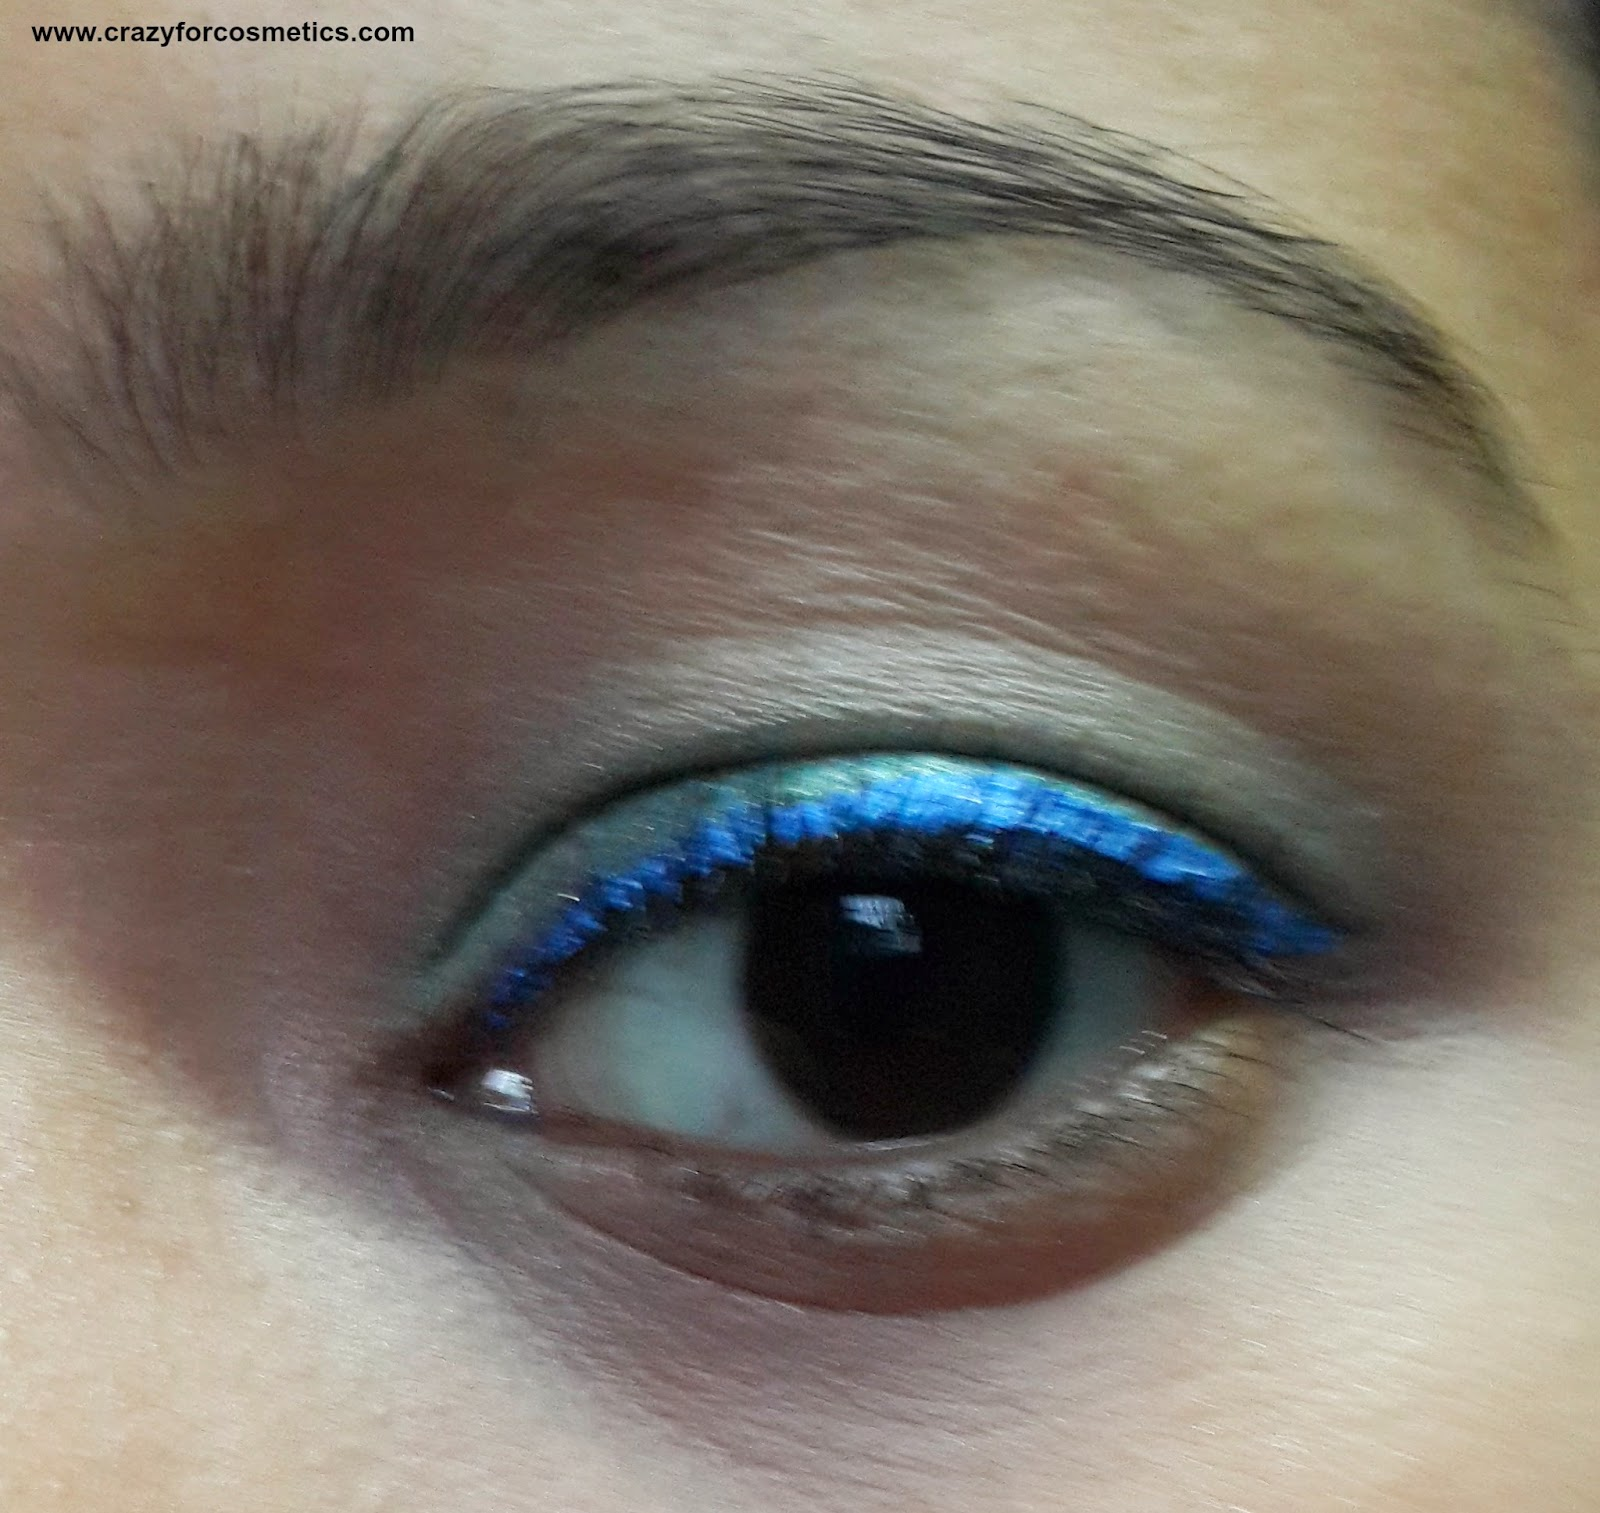 Lakme Fantasy Shimmer Liner in Glimmer Blue eotd-Lakme Fantasy Shimmer Liner in Glimmer Blue review-Lakme Fantasy Shimmer Liner in Glimmer Blue swatch-Lakme Fantasy Shimmer Liner in Glimmer Blue online